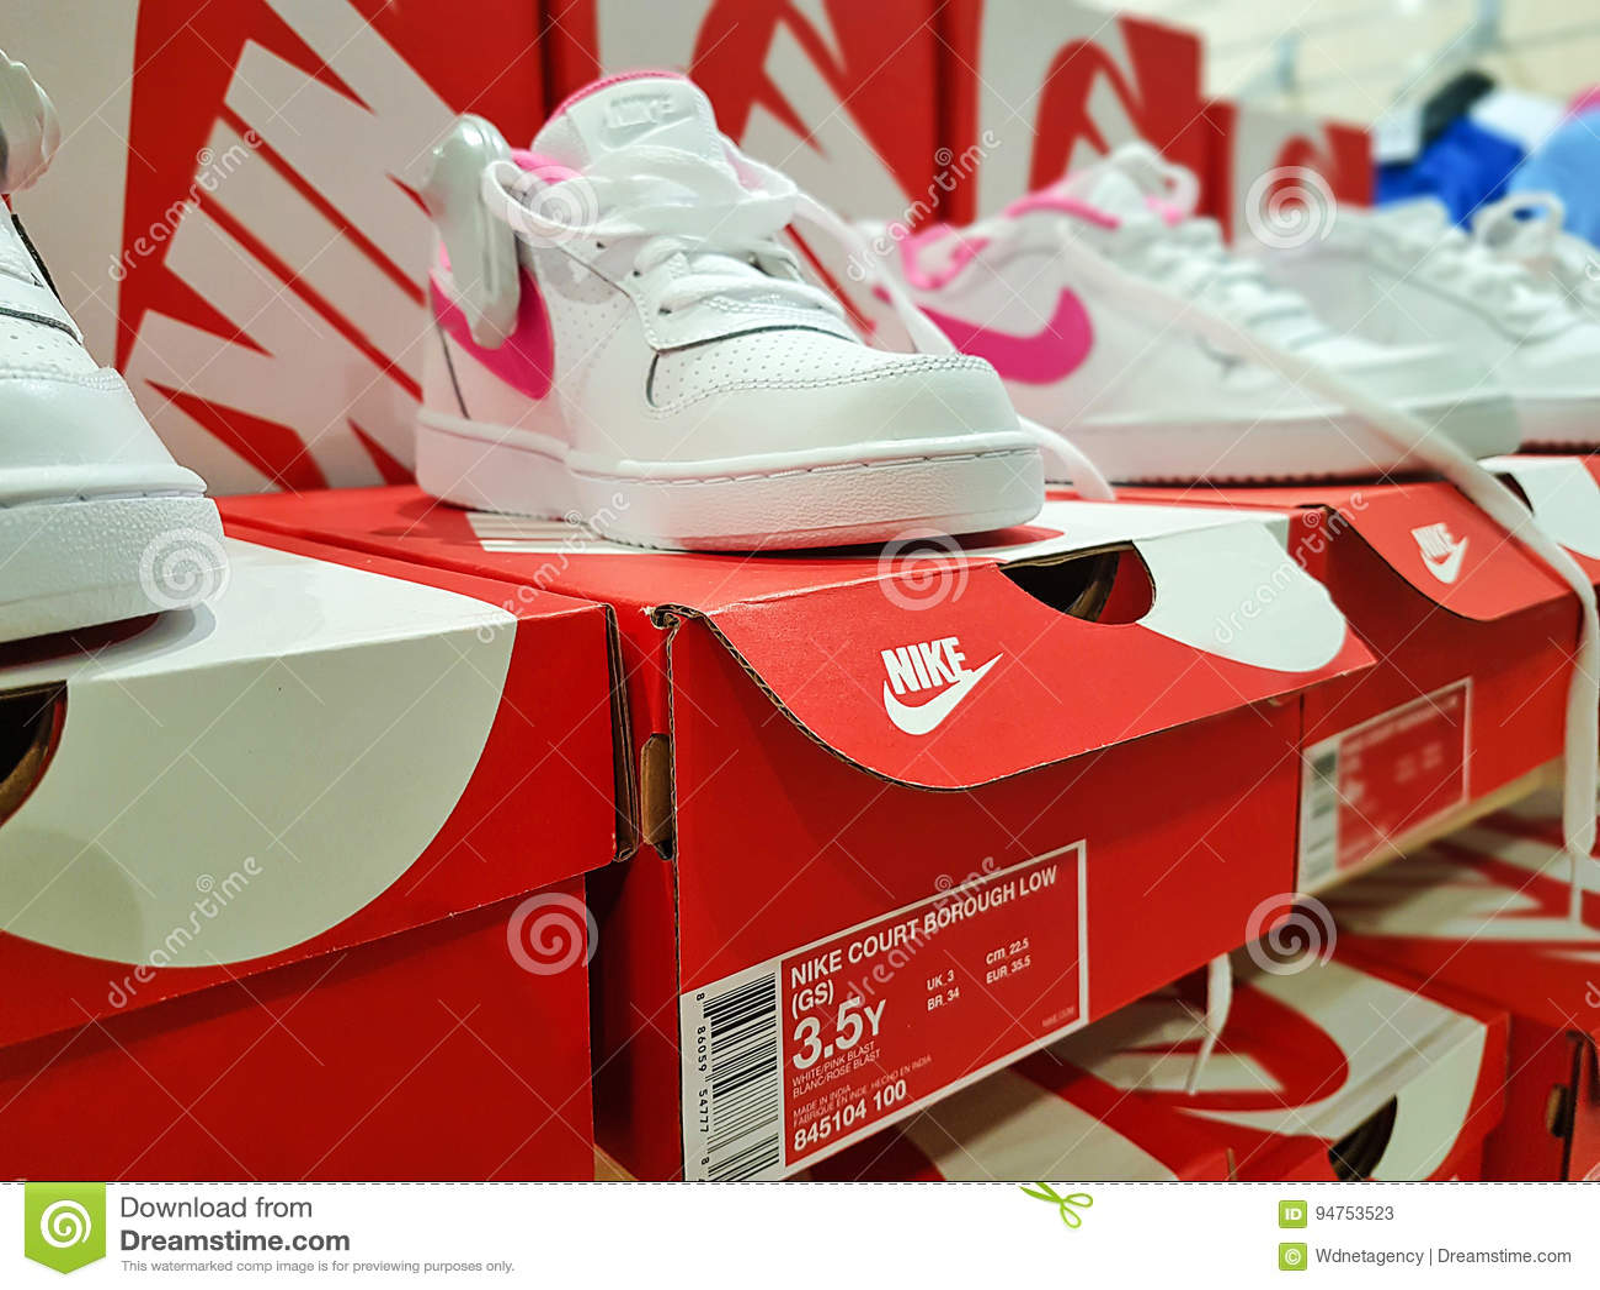 Nike Trägt Schuhe Zur Schau Redaktionelles Stockfoto Bild